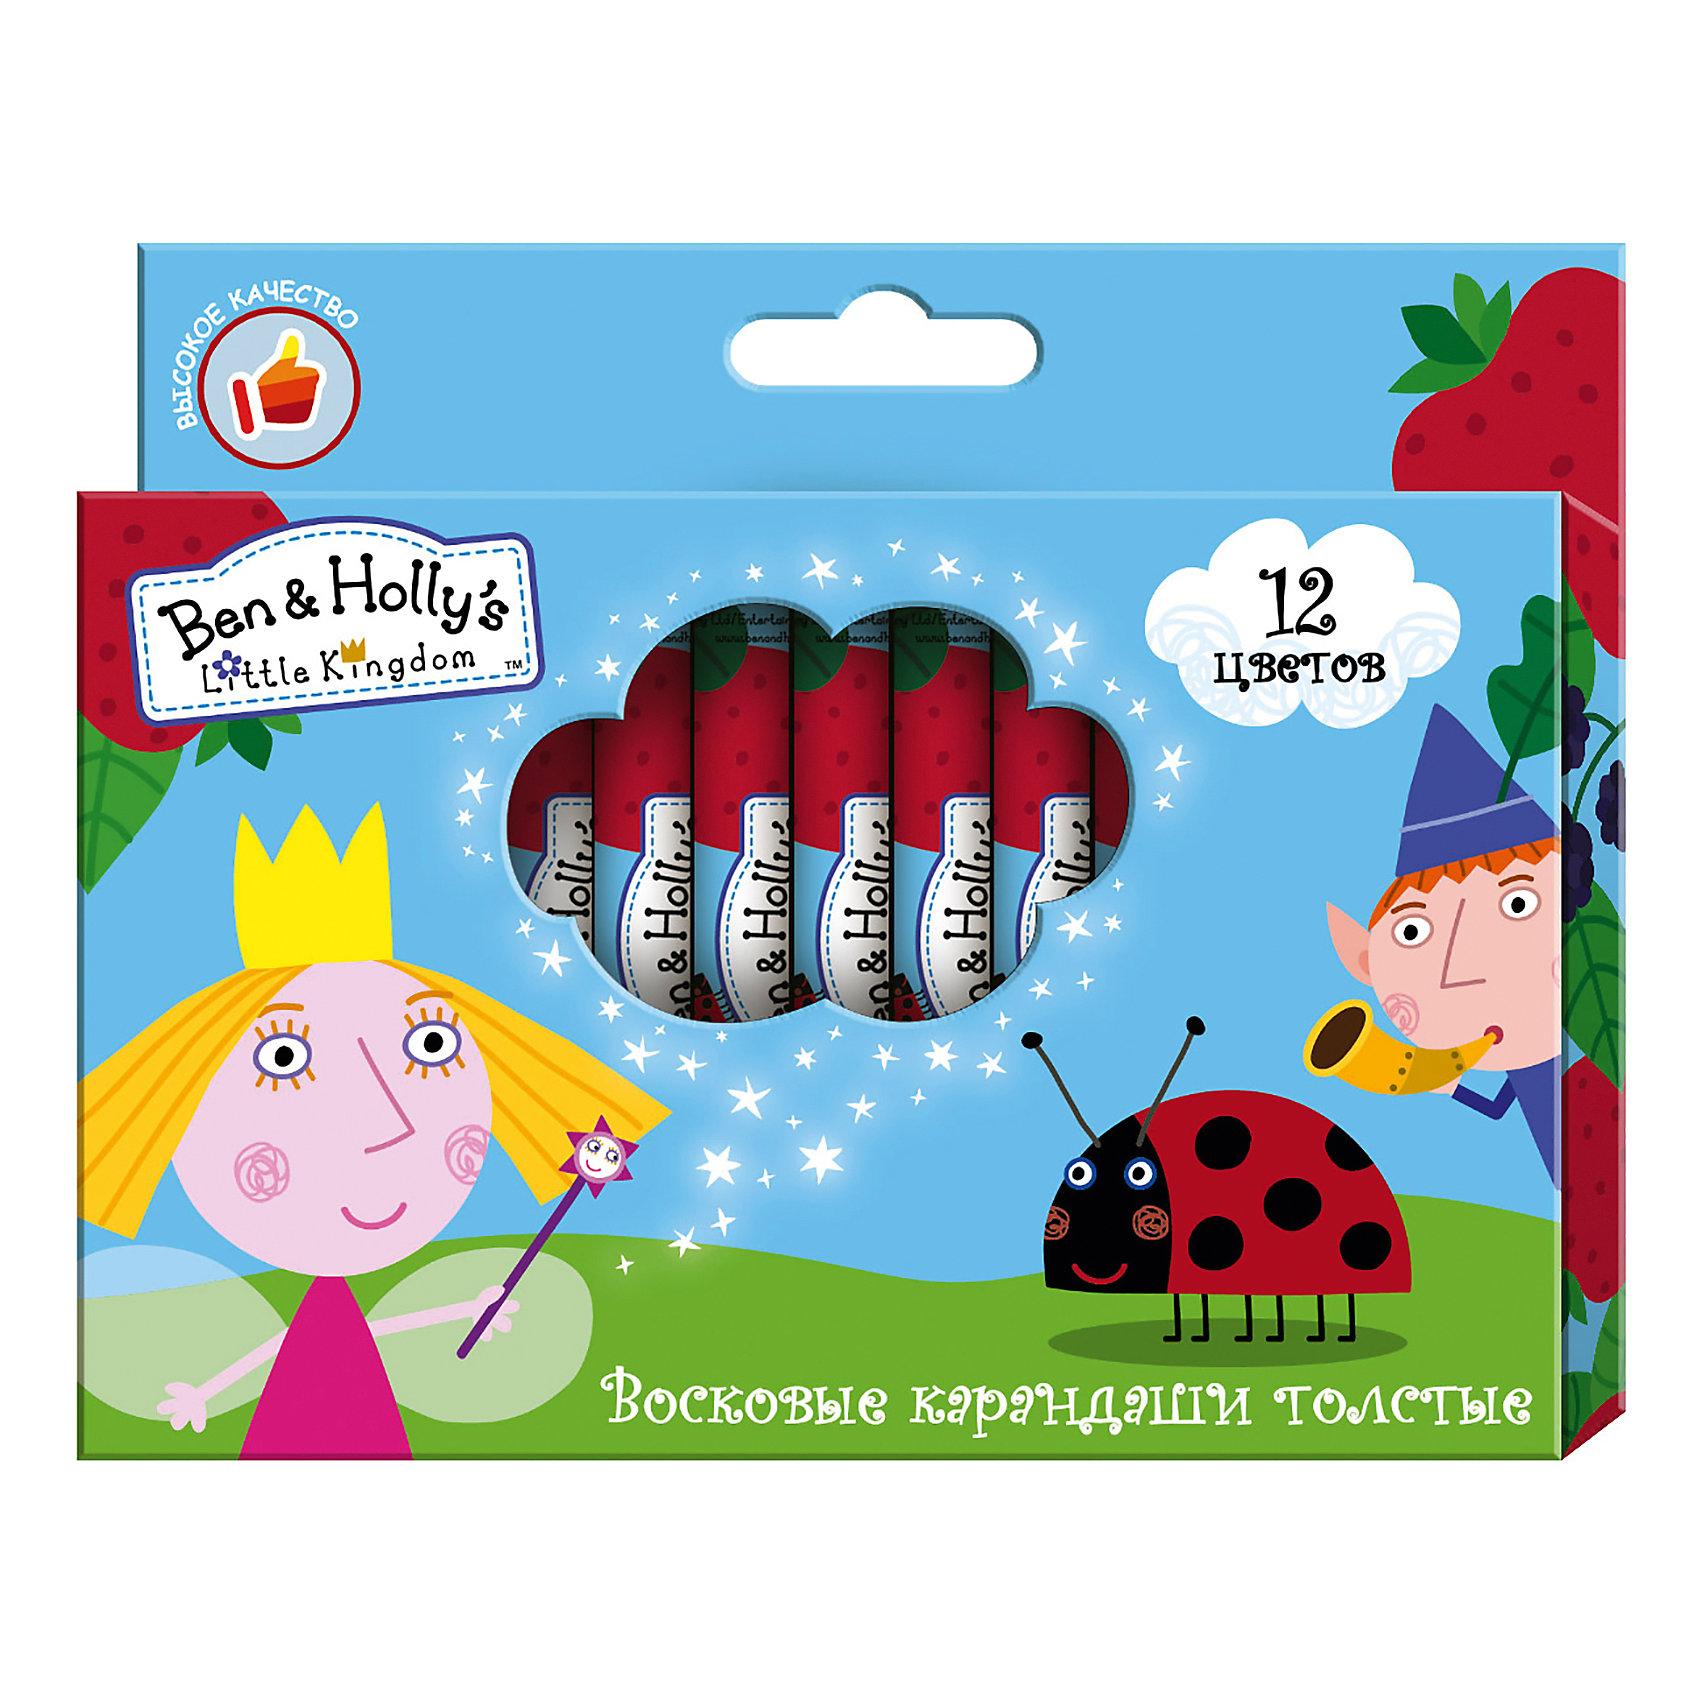 Восковые карандаши, толстые, 12 цветов, Бен и ХоллиМасляные и восковые мелки<br>Характеристики:<br><br>• возраст: от 3 лет<br>• в наборе: 12 разноцветных толстых восковых карандашей<br>• материал: воск, бумага<br>• диаметр карандаша: 1,2 см.<br>• длина: 8 см.<br>• упаковка: картонная коробка с европодвесом<br>• размер упаковки: 14,8х9,6х1,2 см.<br><br>В набор «Бен и Холли» входит 12 восковых толстых карандашей, которые благодаря своим ярким, насыщенным цветам идеально подходят для рисования, письма и раскрашивания. <br><br>Удобный утолщенный корпус карандаша не даёт детской ручке уставать. Индивидуальные бумажные упаковки с ярким принтом на каждом карандаше помогают им не выскальзывать из ладошки ребенка, оставляя пальчики всегда чистыми. Карандаши мягкие и одновременно прочные, что обеспечивает им яркость линий без сильного нажима и легкое затачивание. <br><br>Товар сертифицирован и безопасен при использовании по назначению.<br><br>Восковые карандаши, толстые, 12 цветов, Бен и Холли можно купить в нашем интернет-магазине.<br><br>Ширина мм: 132<br>Глубина мм: 12<br>Высота мм: 148<br>Вес г: 153<br>Возраст от месяцев: 36<br>Возраст до месяцев: 2147483647<br>Пол: Унисекс<br>Возраст: Детский<br>SKU: 6963140